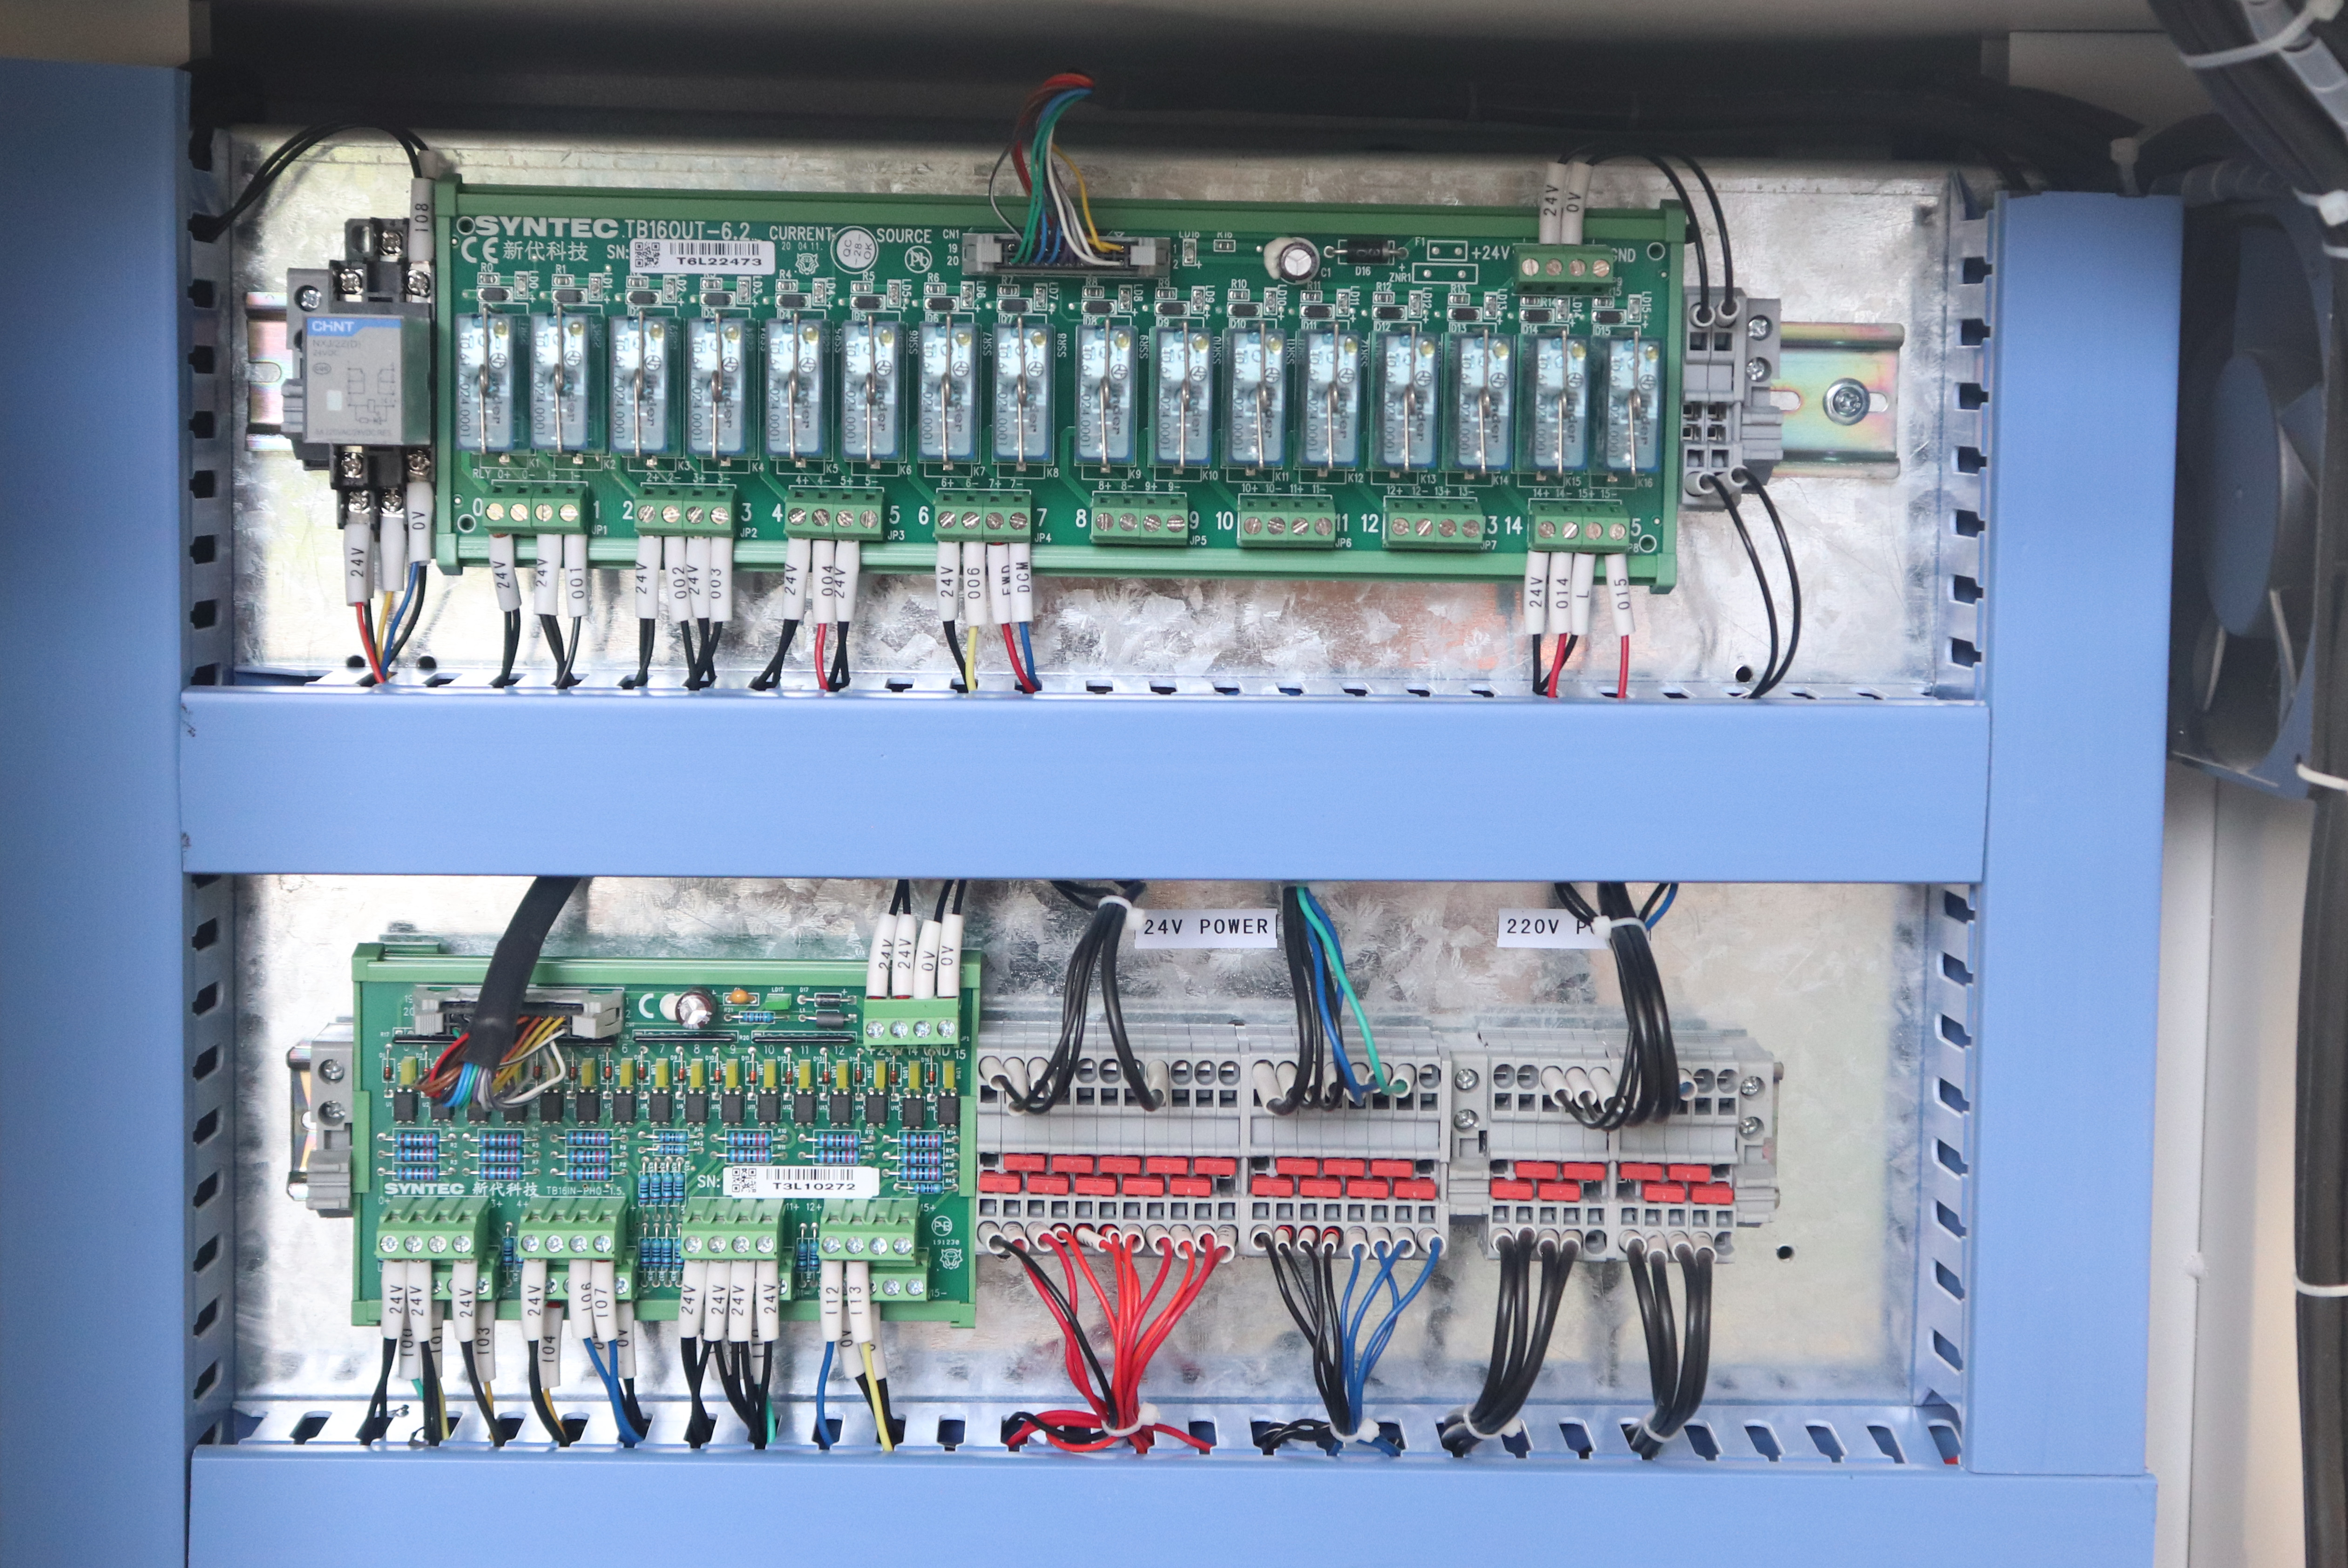 Comment résoudre le problème d'alimentation des machines CNC